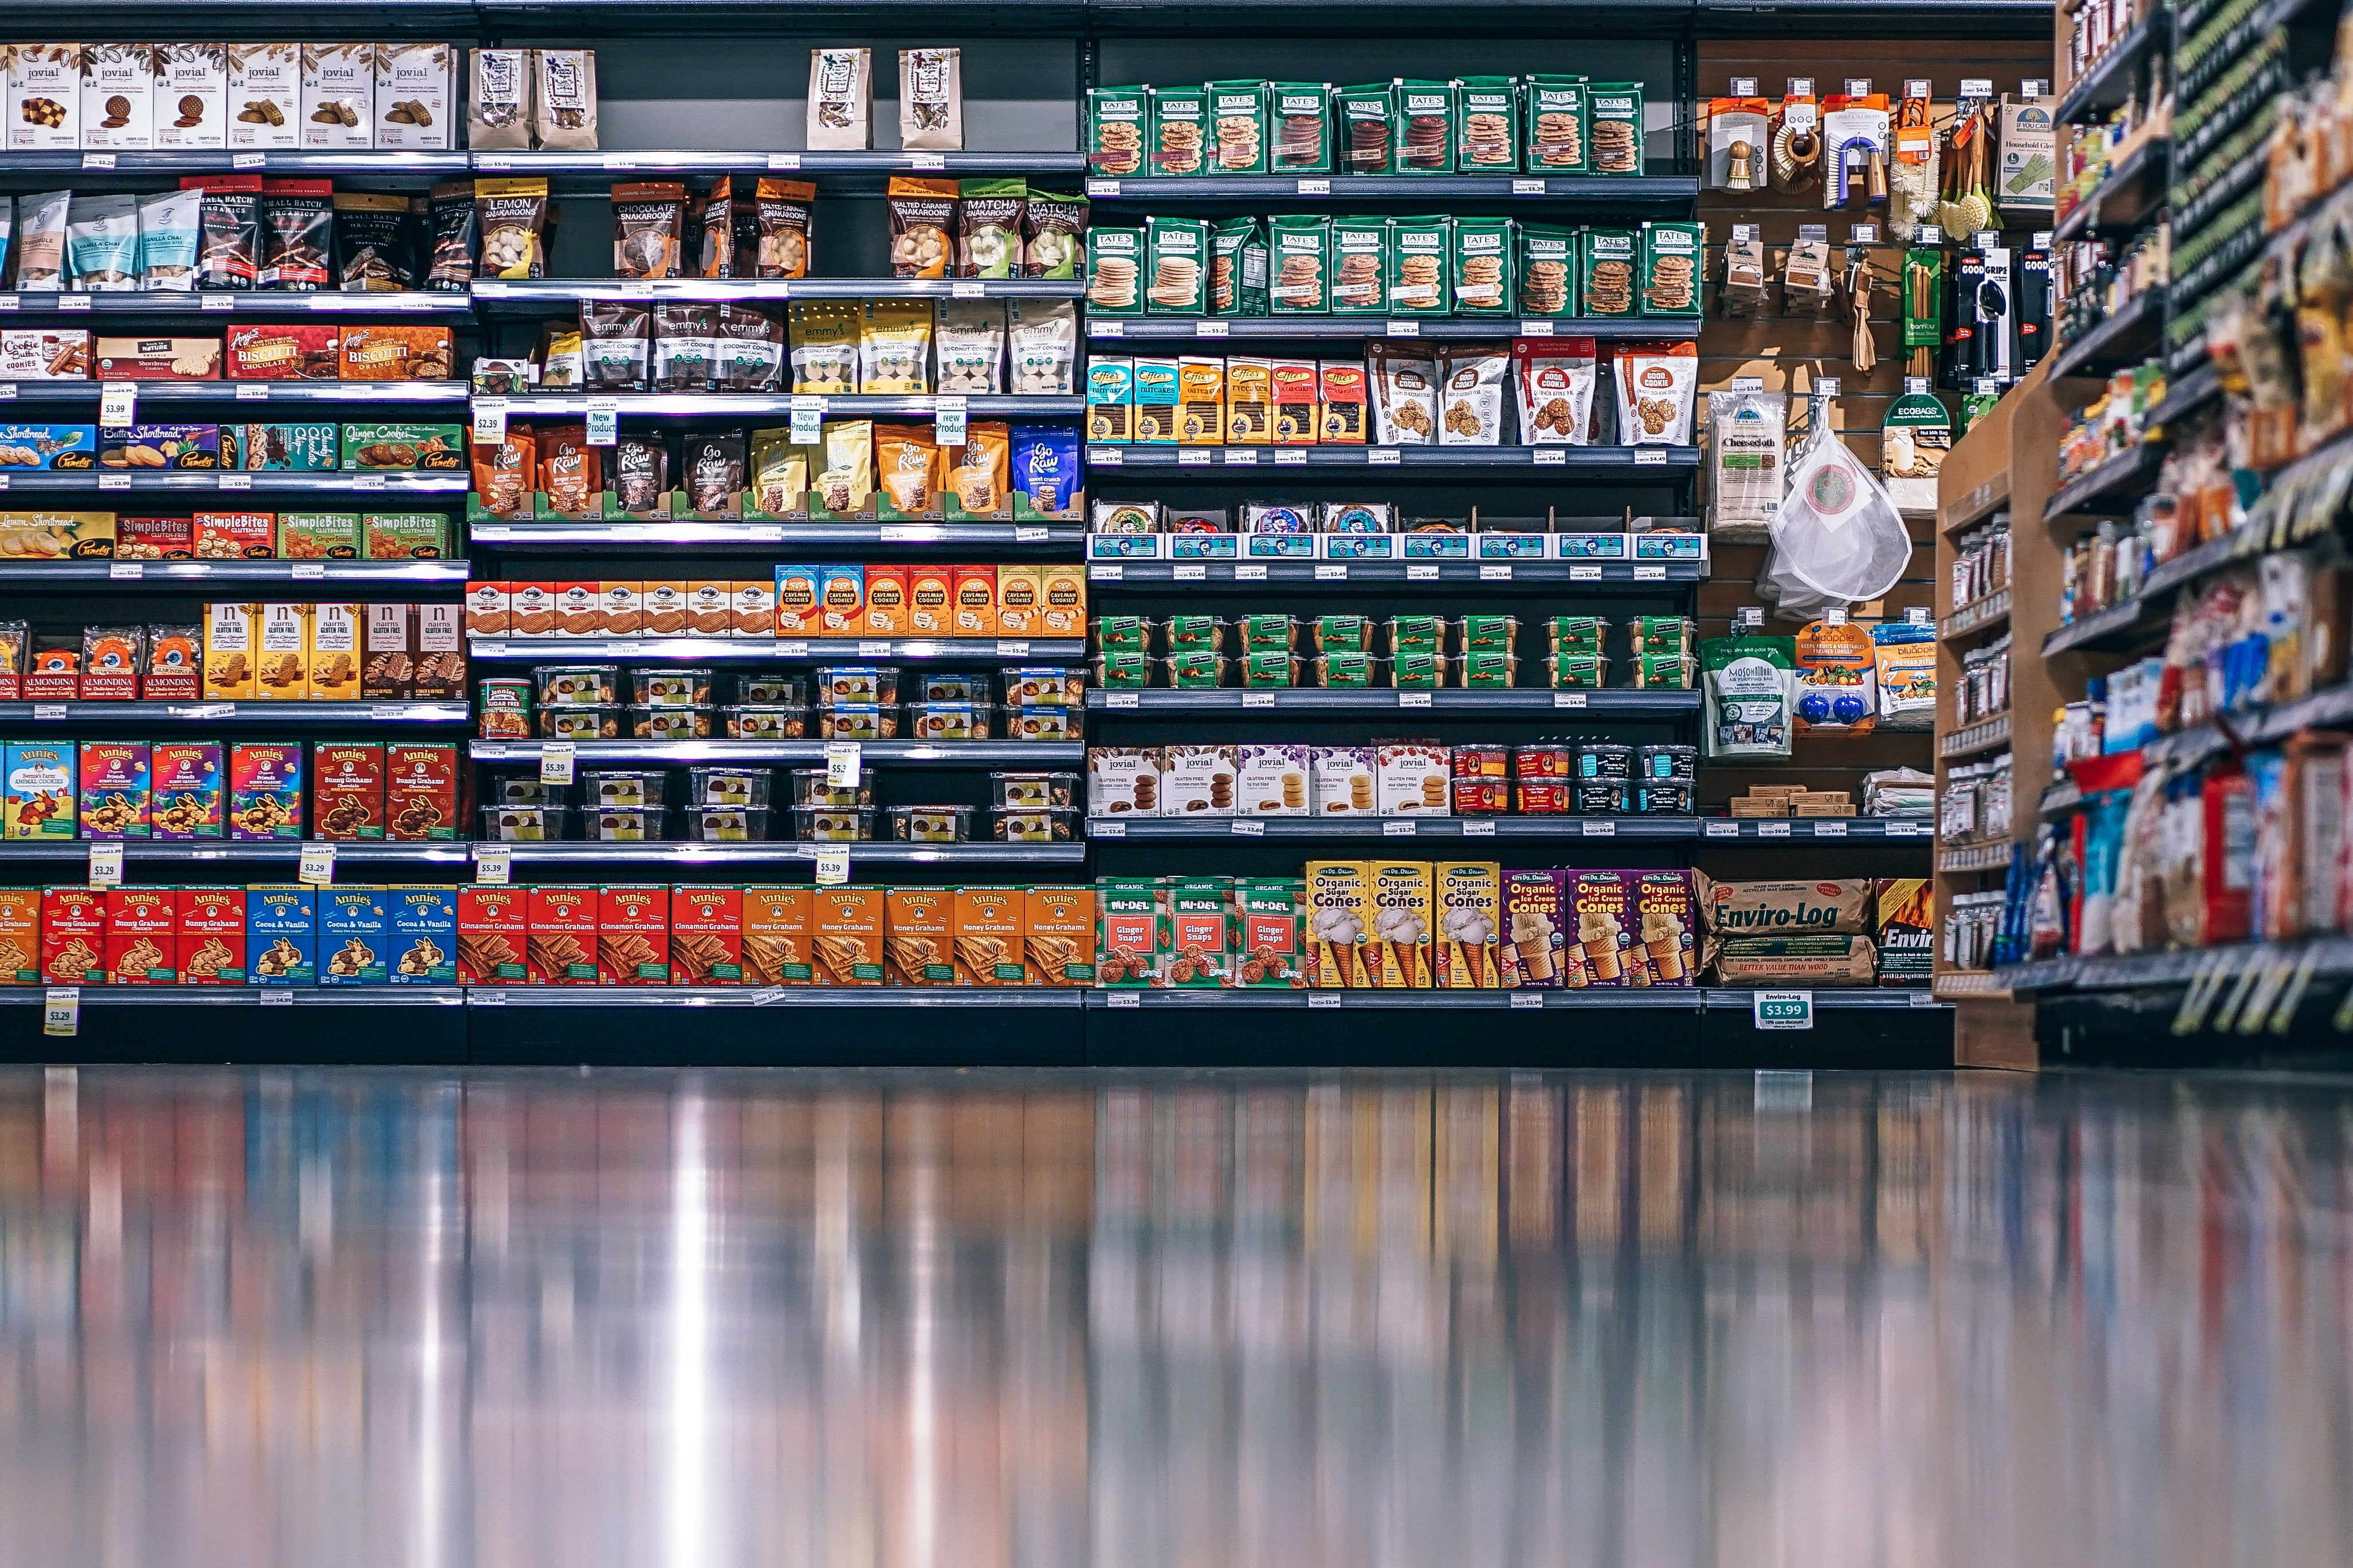 Kādēļ katram tirdzniecības uzņēmumam vajadzētu analizēt savu produktu datu pārvaldības procesu?